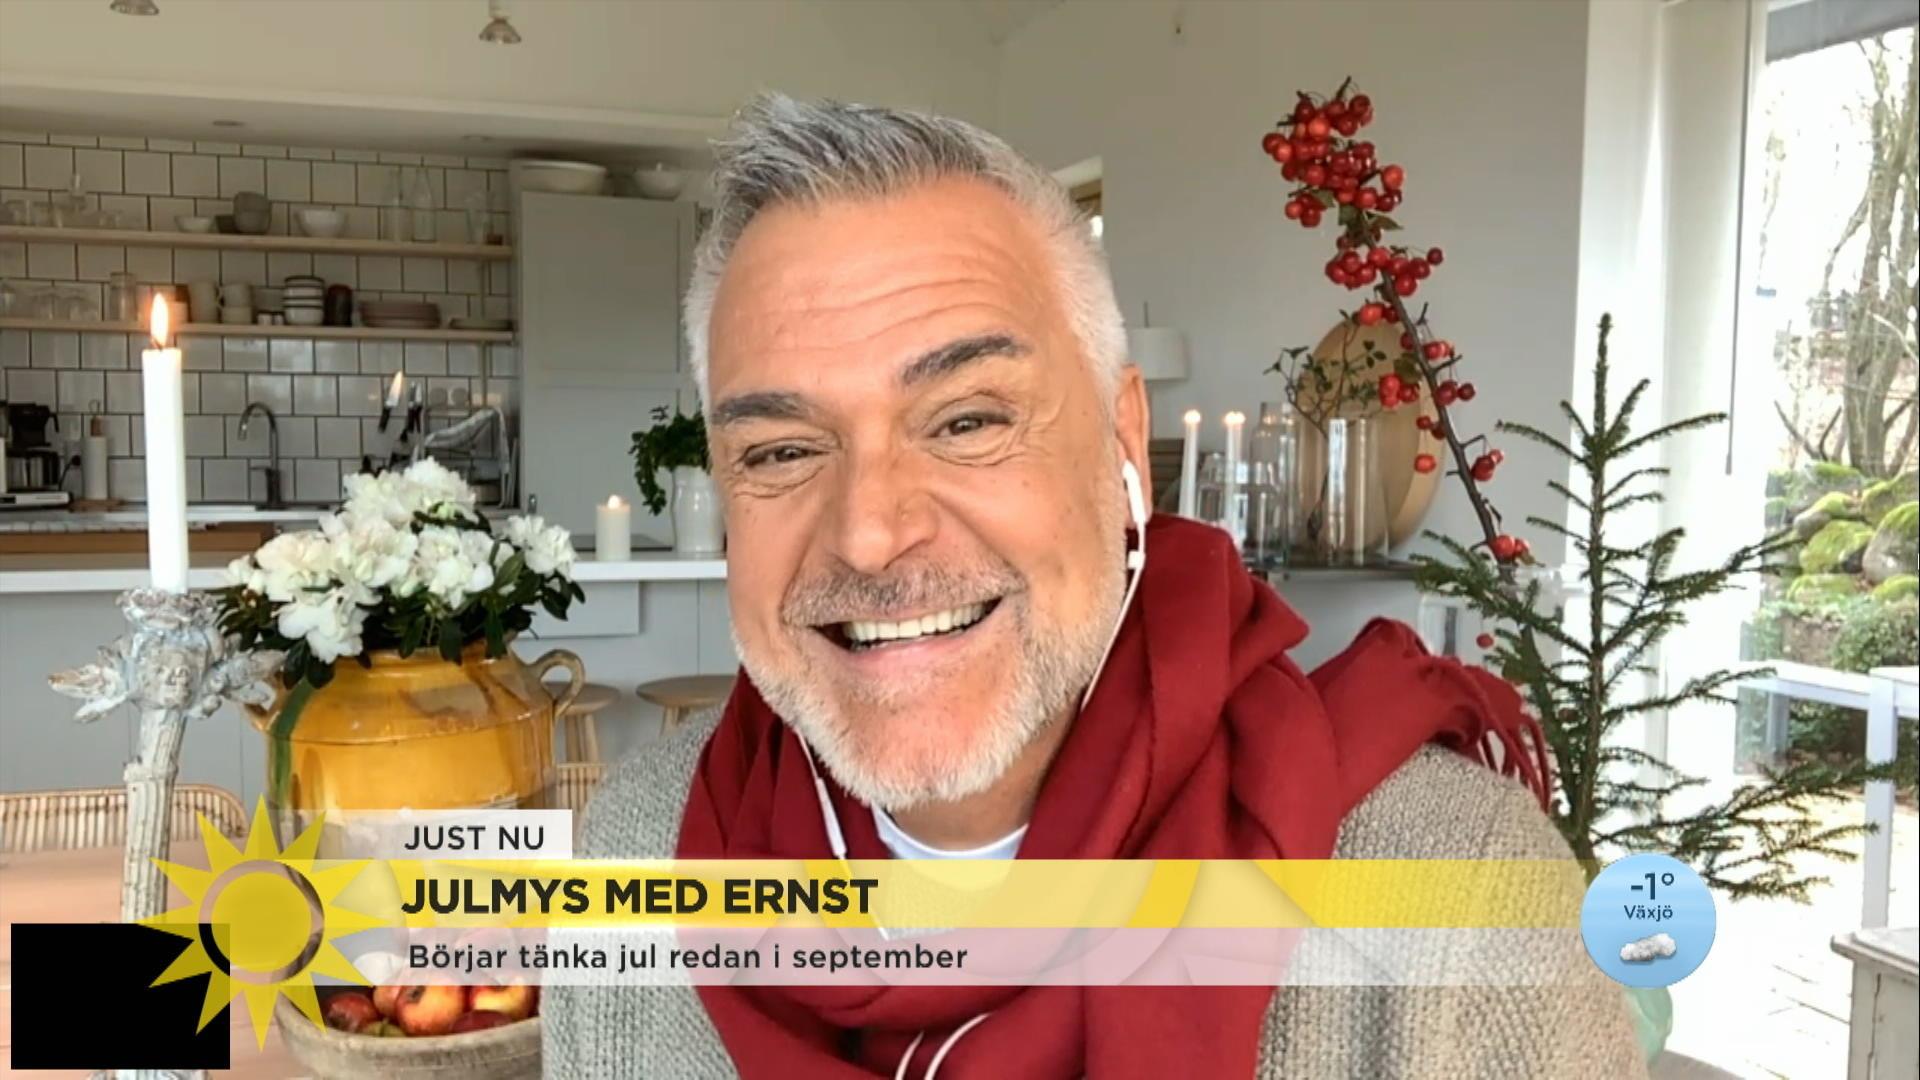 """Ernst igång med julmyset: """"Inte en julängel som inte flyger runt i rummet"""""""